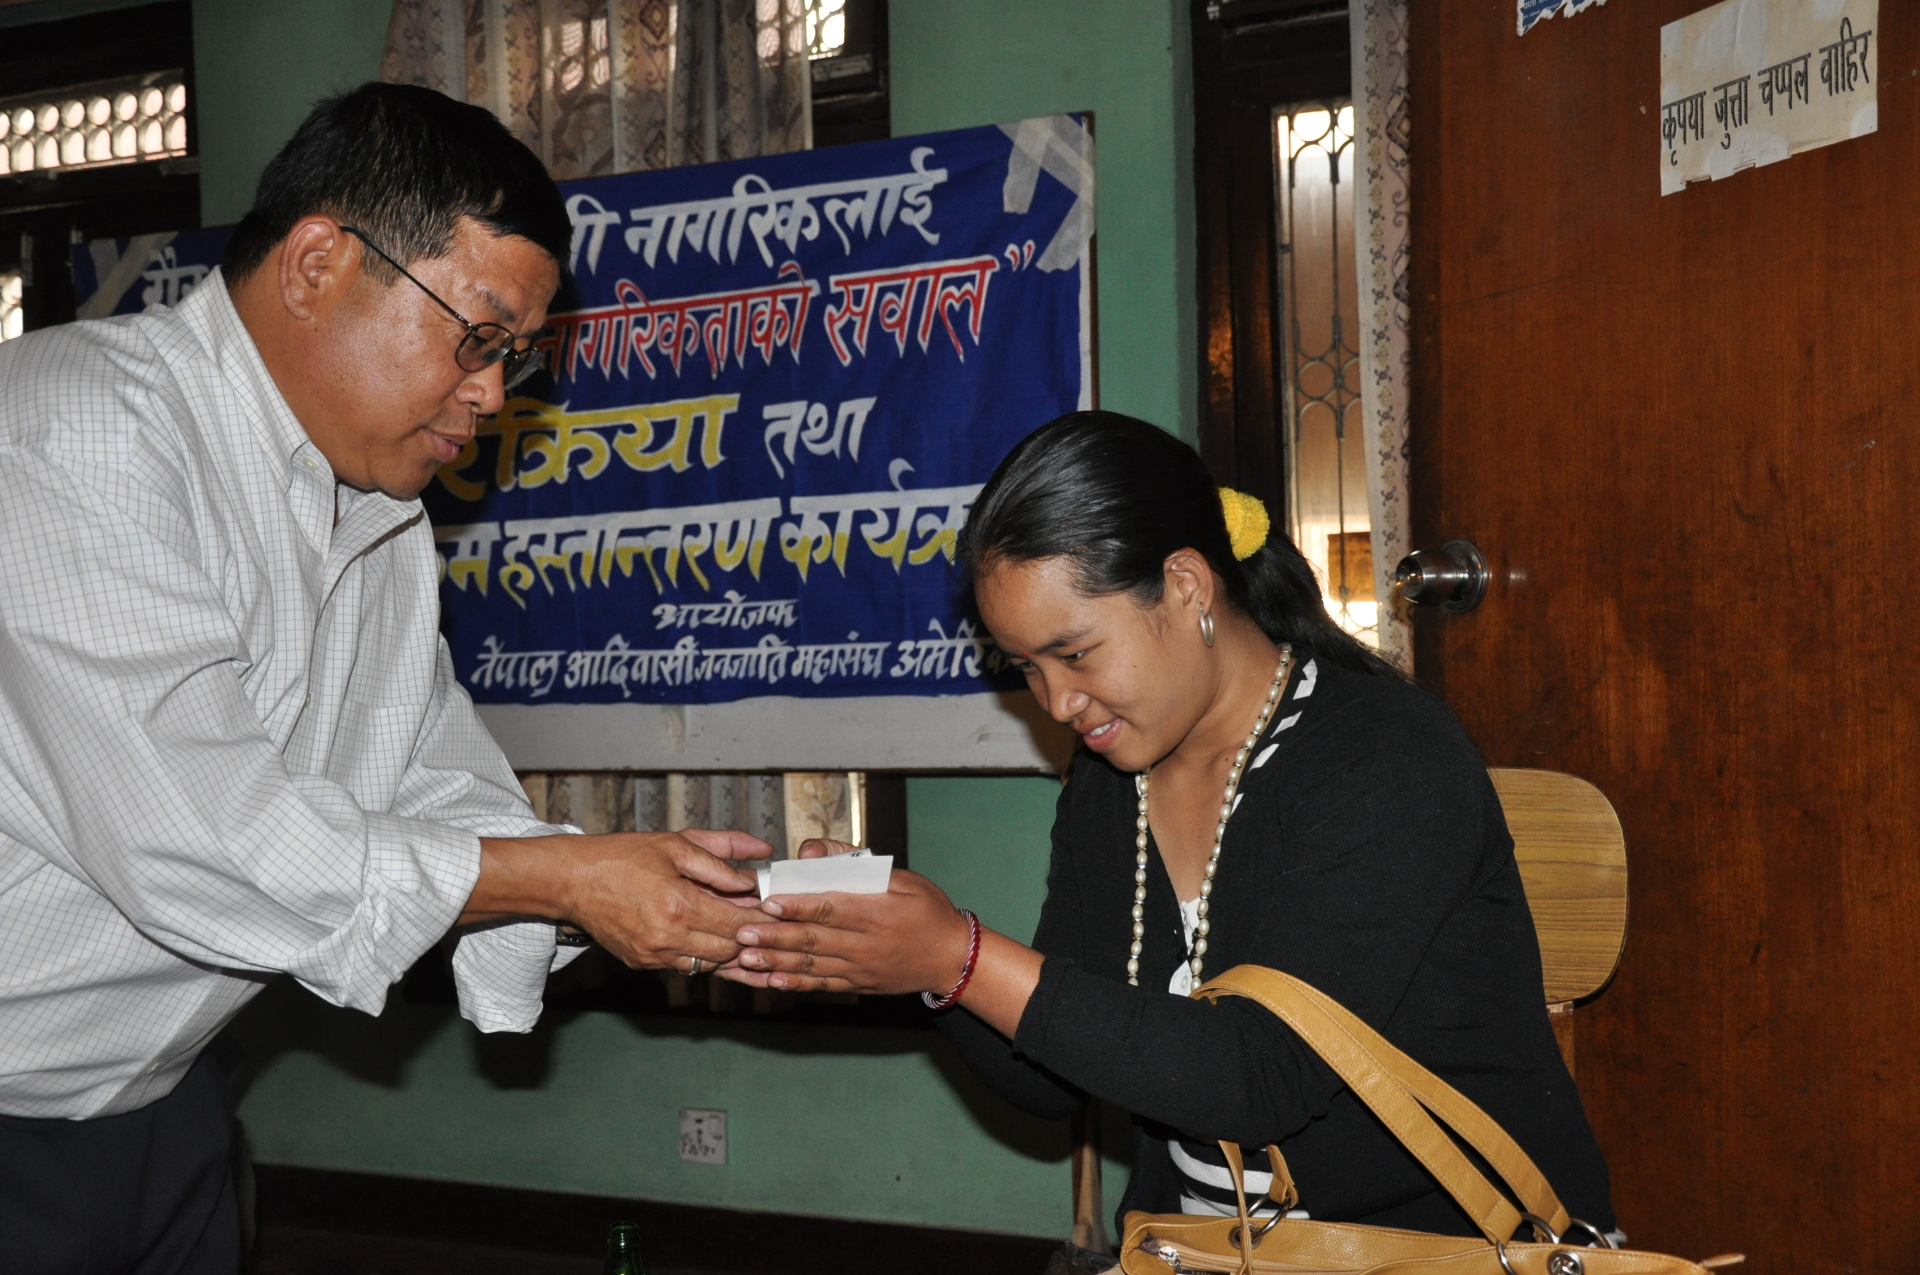 President Shiv K Rai handing over the donation.